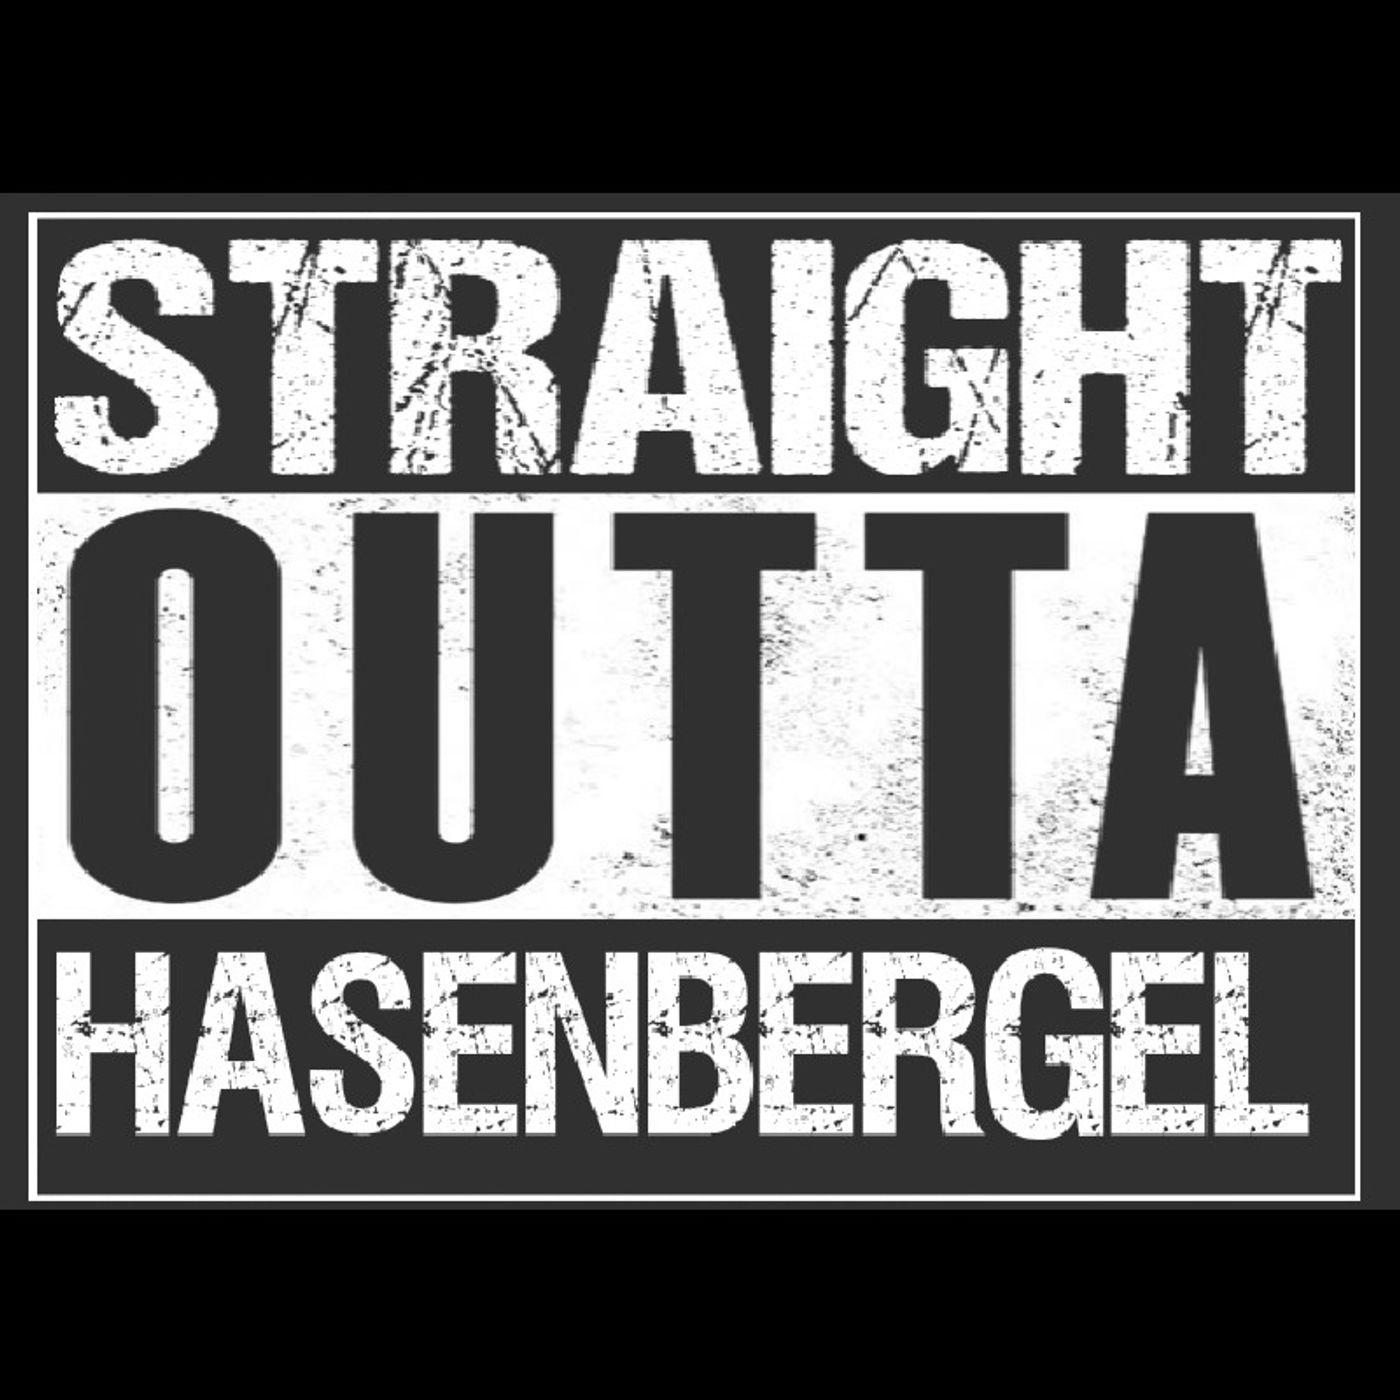 DR. HAZNBERGL COMPILATION (VIDEO PARTS)